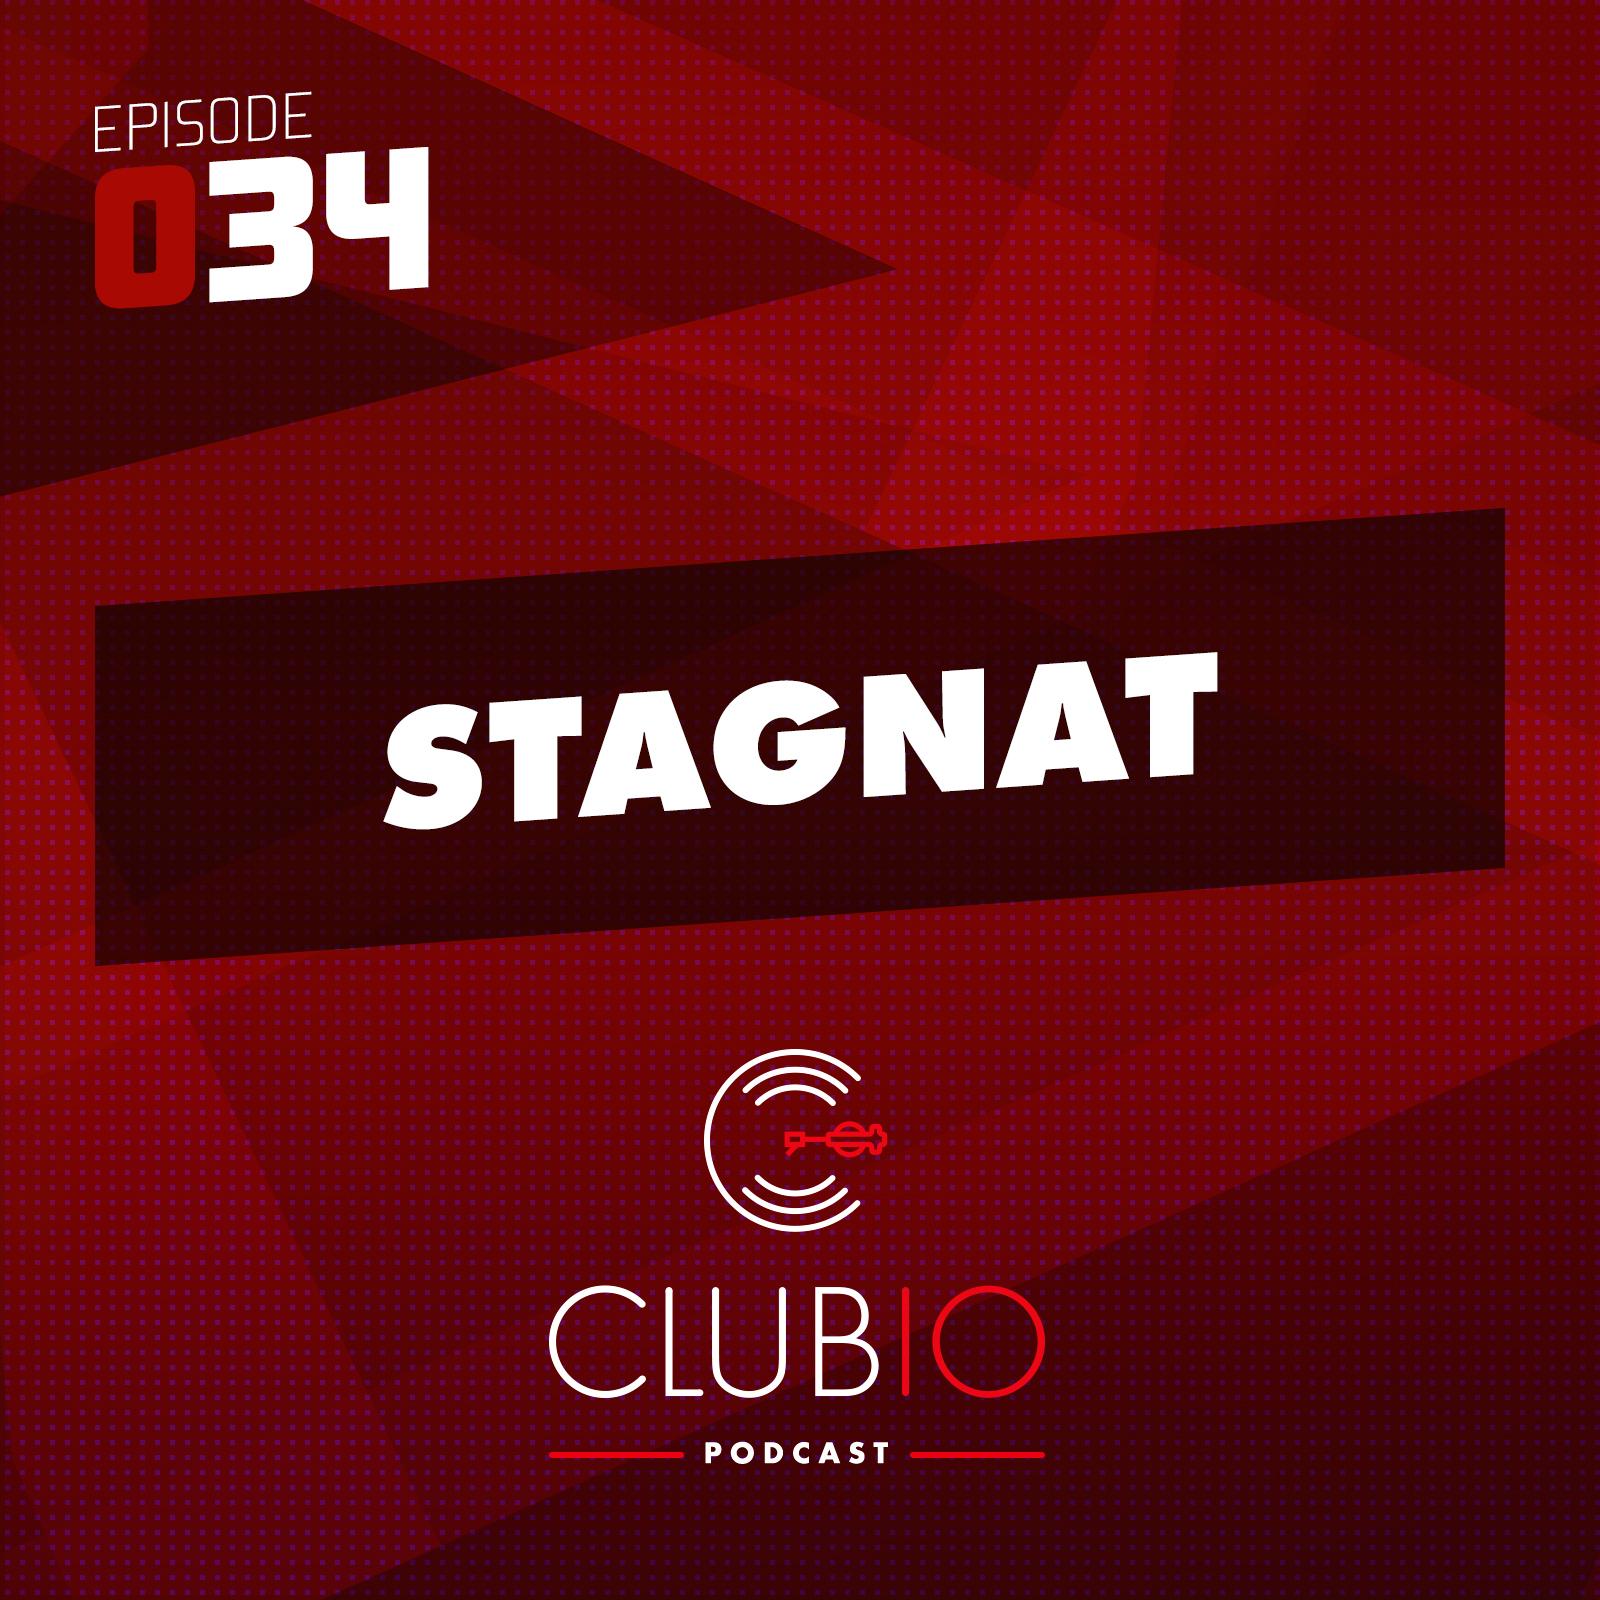 Clubio Podcast 034 - Stagnat